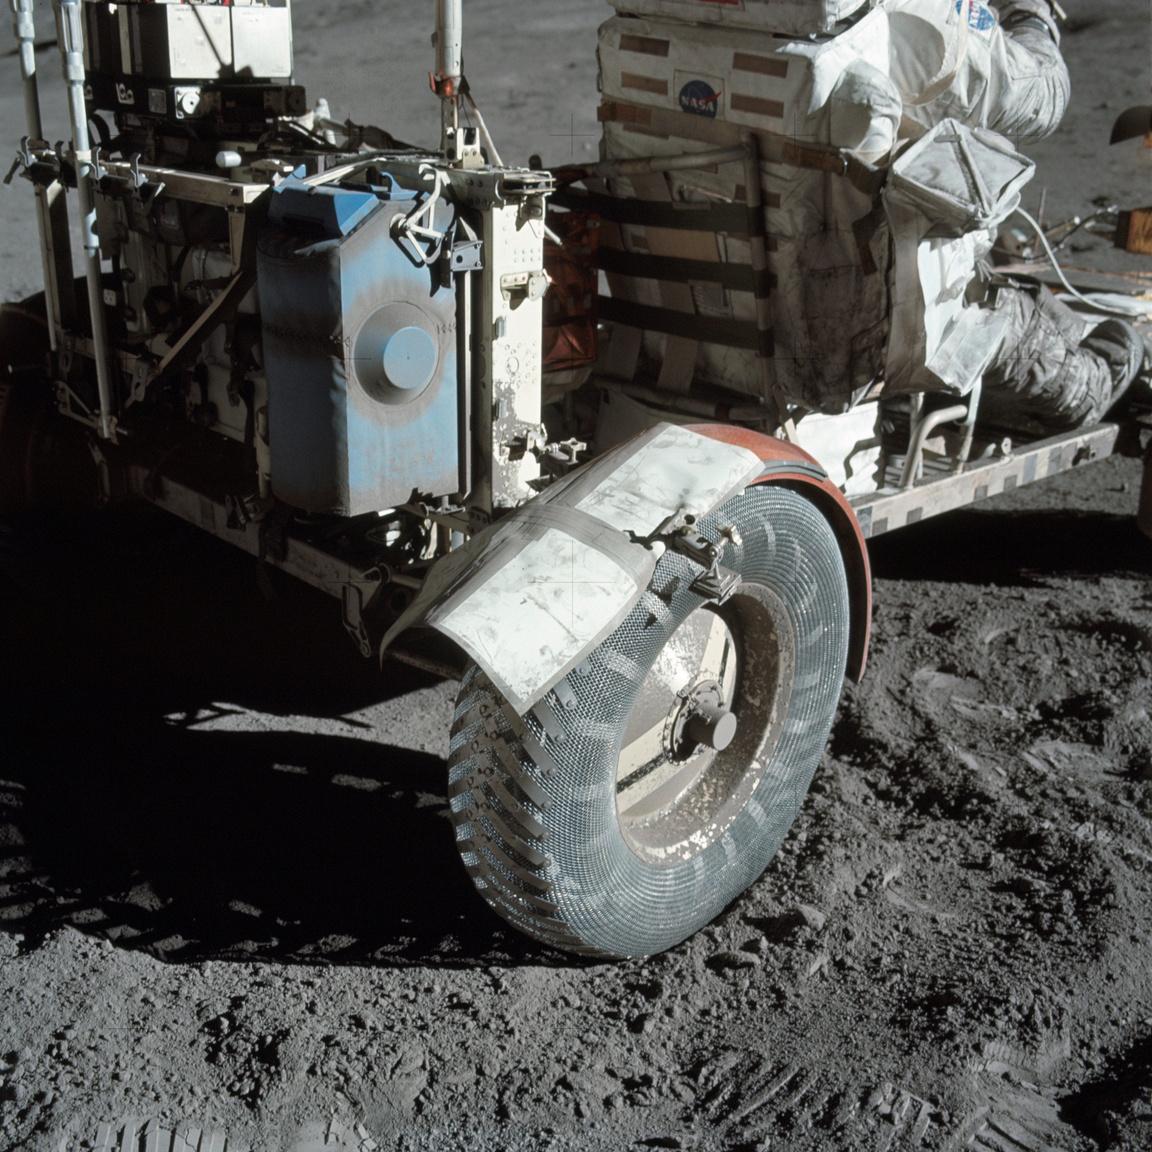 """Közeli fotó, ami a sárvédő ideiglenes javításáról készült a Holdon. A NASA először 1999-ben tette közzé a képet az interneten """"Holdpor és Ragasztószalag"""" címmel. A holdautót tartalék térképekkel, fogókkal és ragasztószalaggal kasztnizták. A 38 millió dollárból kifejlesztett járműveket a missziók után nem hozták vissza a Földre, a mai napig a Holdon vannak."""